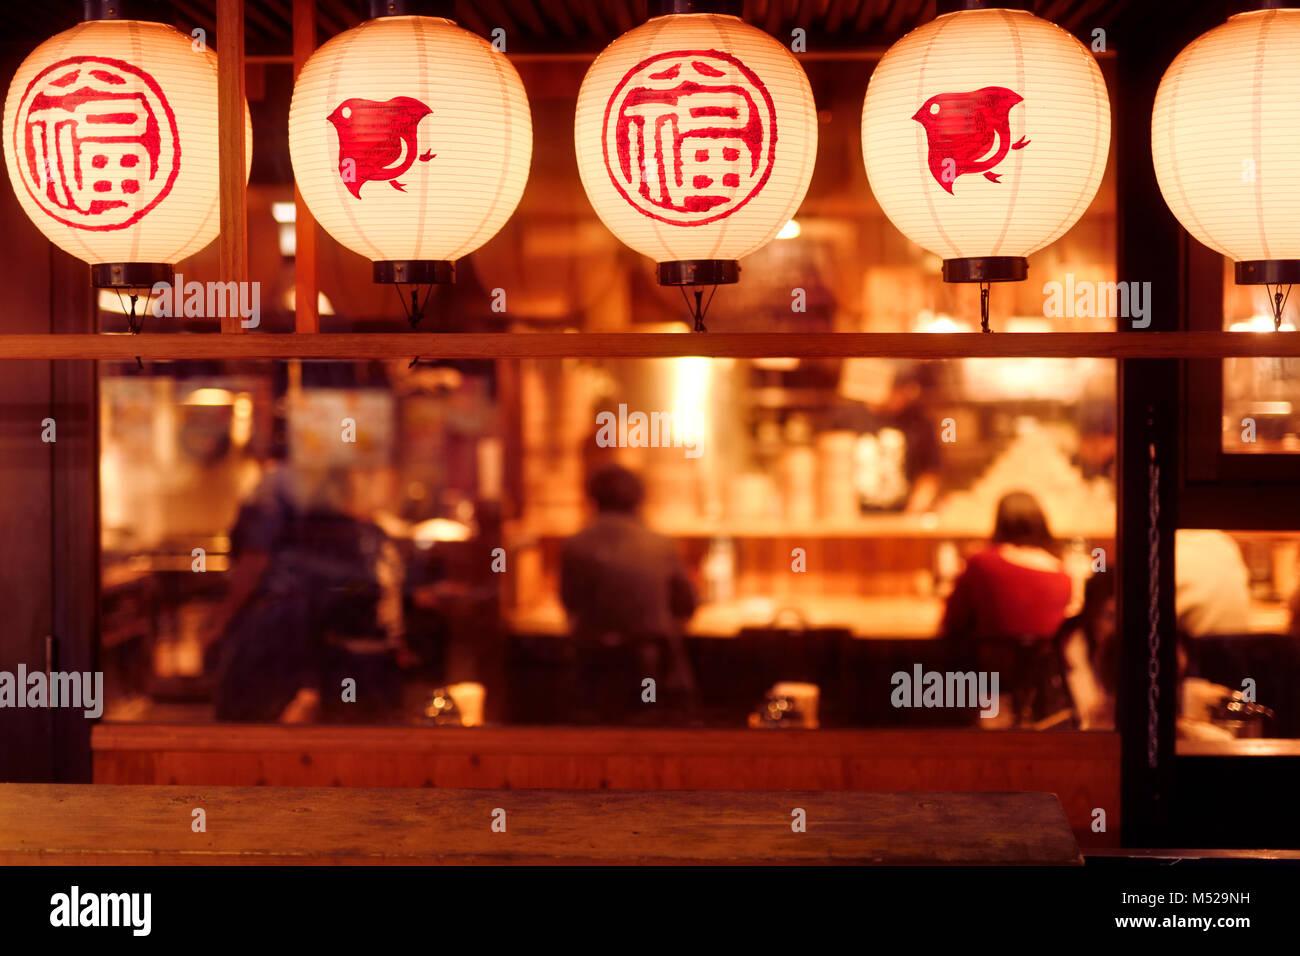 Sala da pranzo di persone all'interno di un tradizionale ristorante Giapponese con lanterne illuminata di notte. Immagini Stock